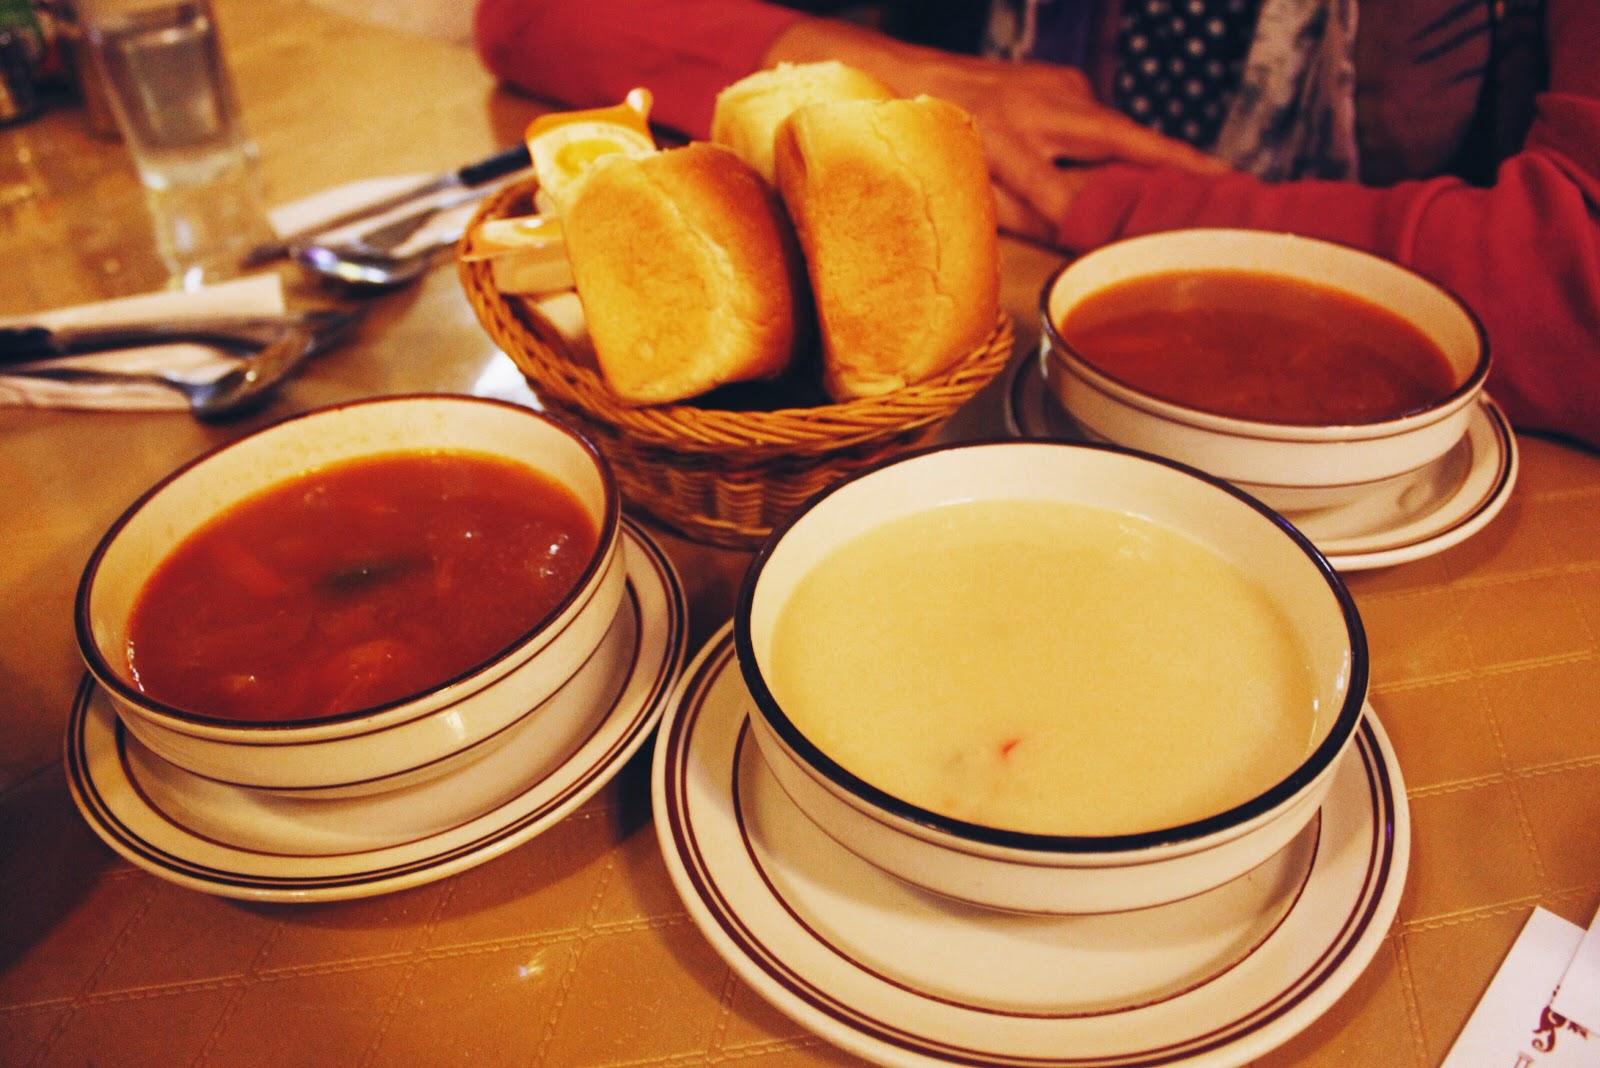 金鳳大餐廳 Golden Phoenix Grill Restaurant @ 香港灣仔謝斐道 Jaffe Road, Wanchai, Hong Kong